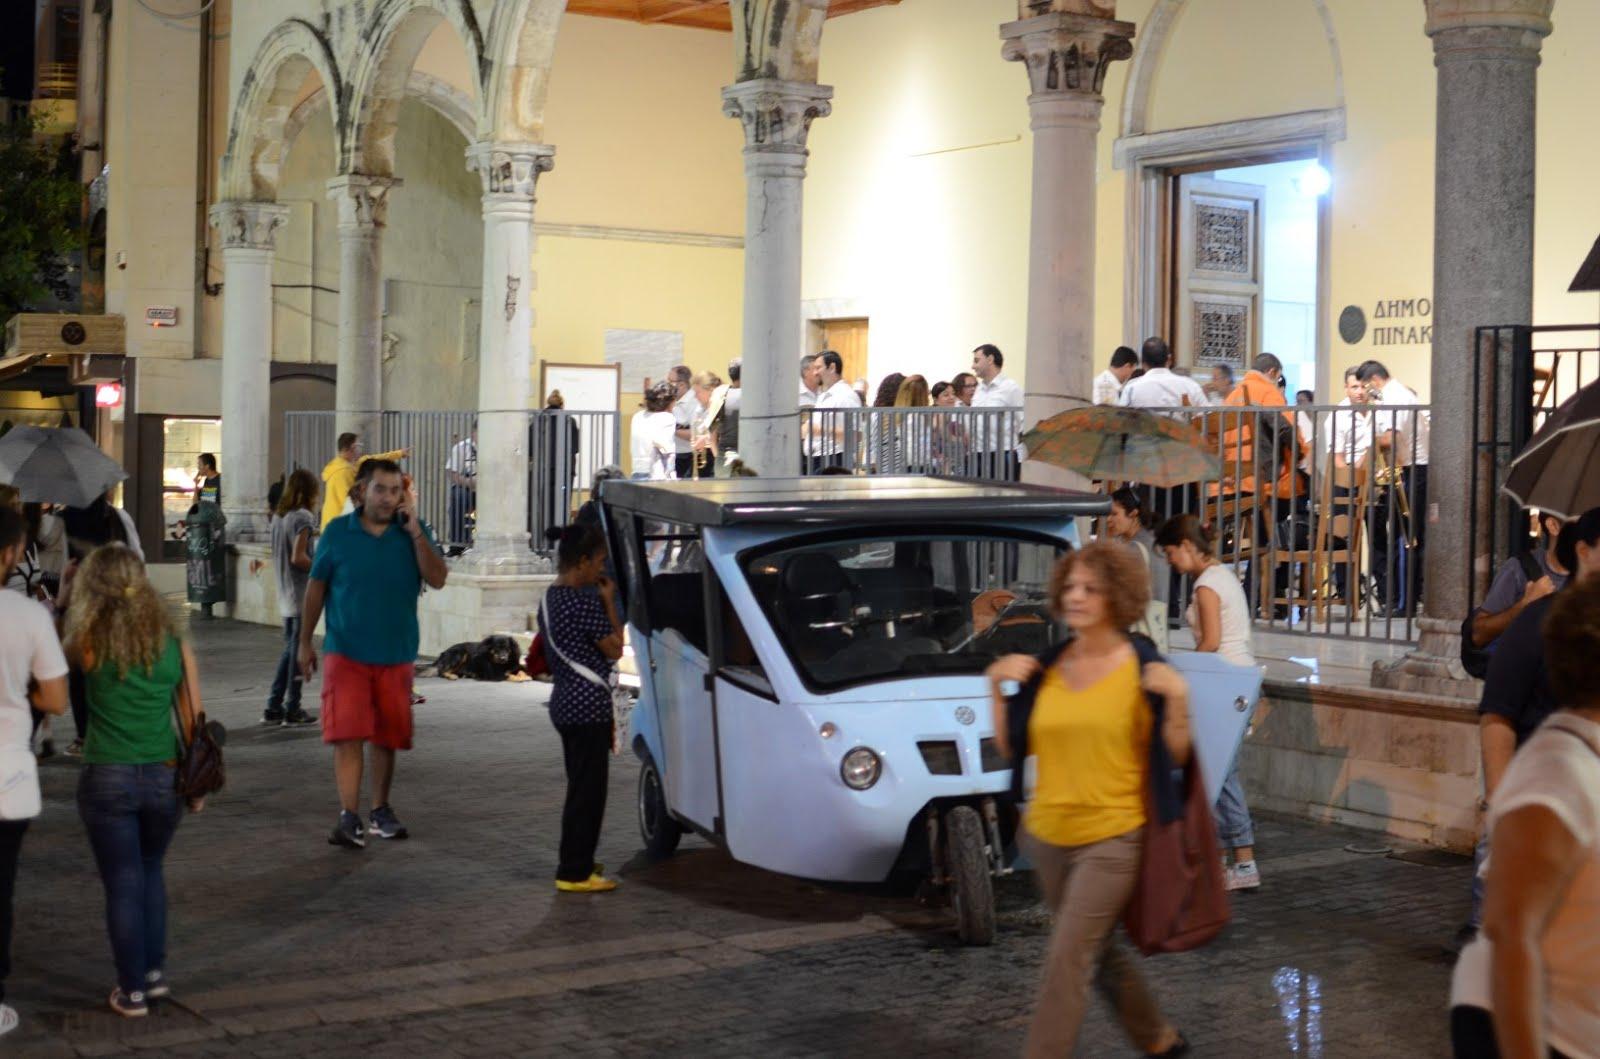 Βγαίνει στην… παραγωγή το ηλιακό αυτοκίνητο της Κρήτης